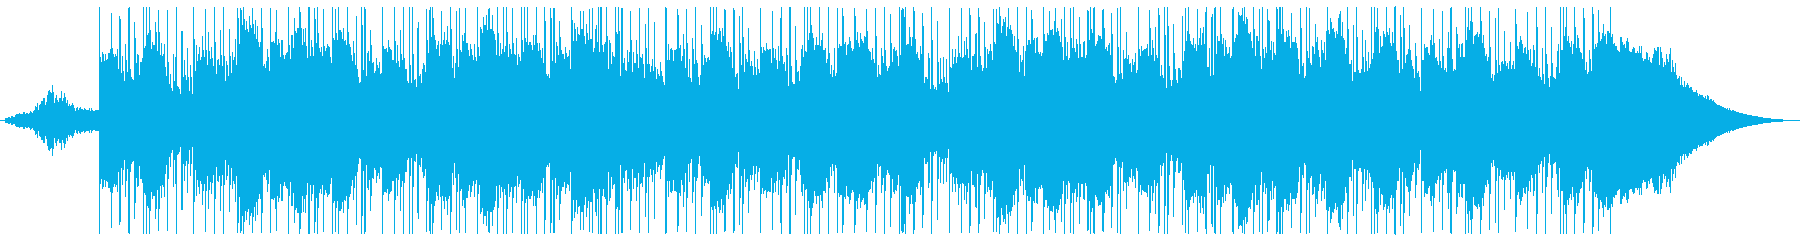 神秘的な美しいピアノバラードの再生済みの波形